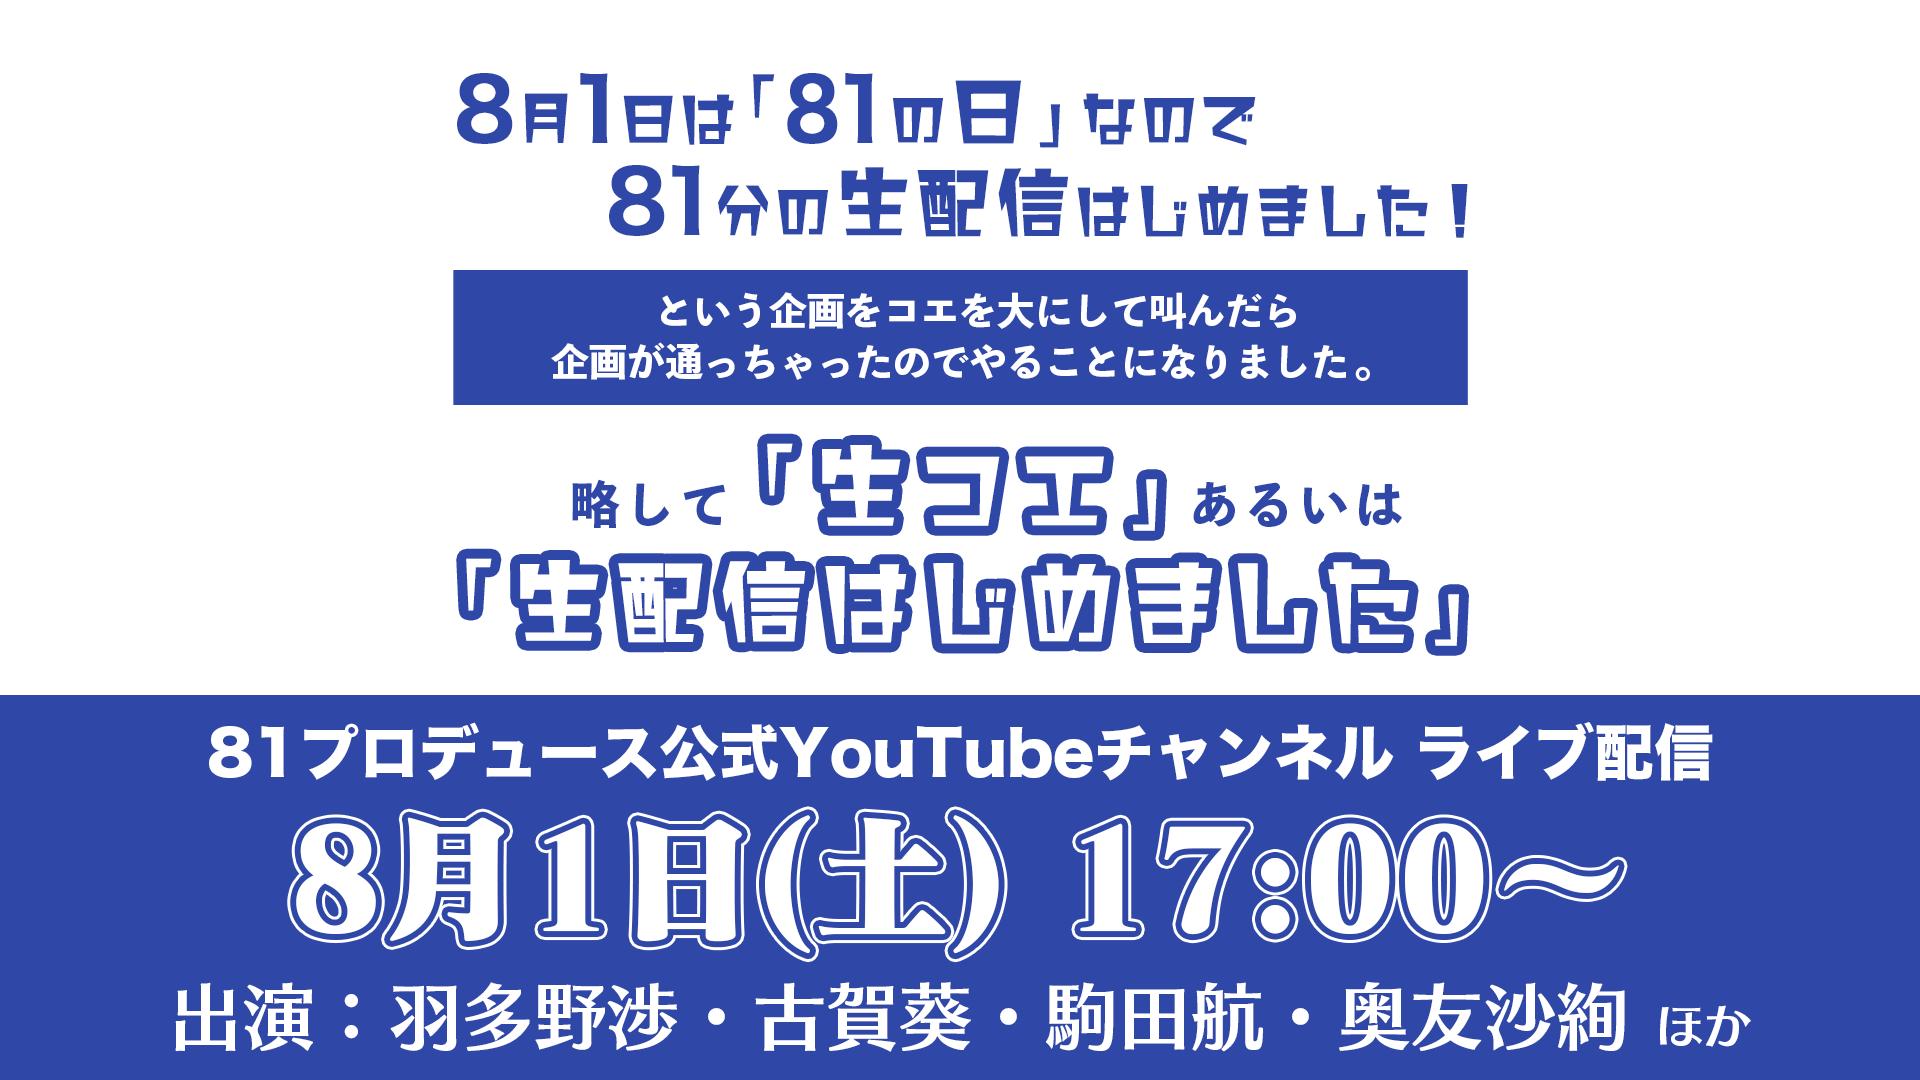 8/1(土)17時~ 81プロデュース公式Youtubeチャンネル生配信!